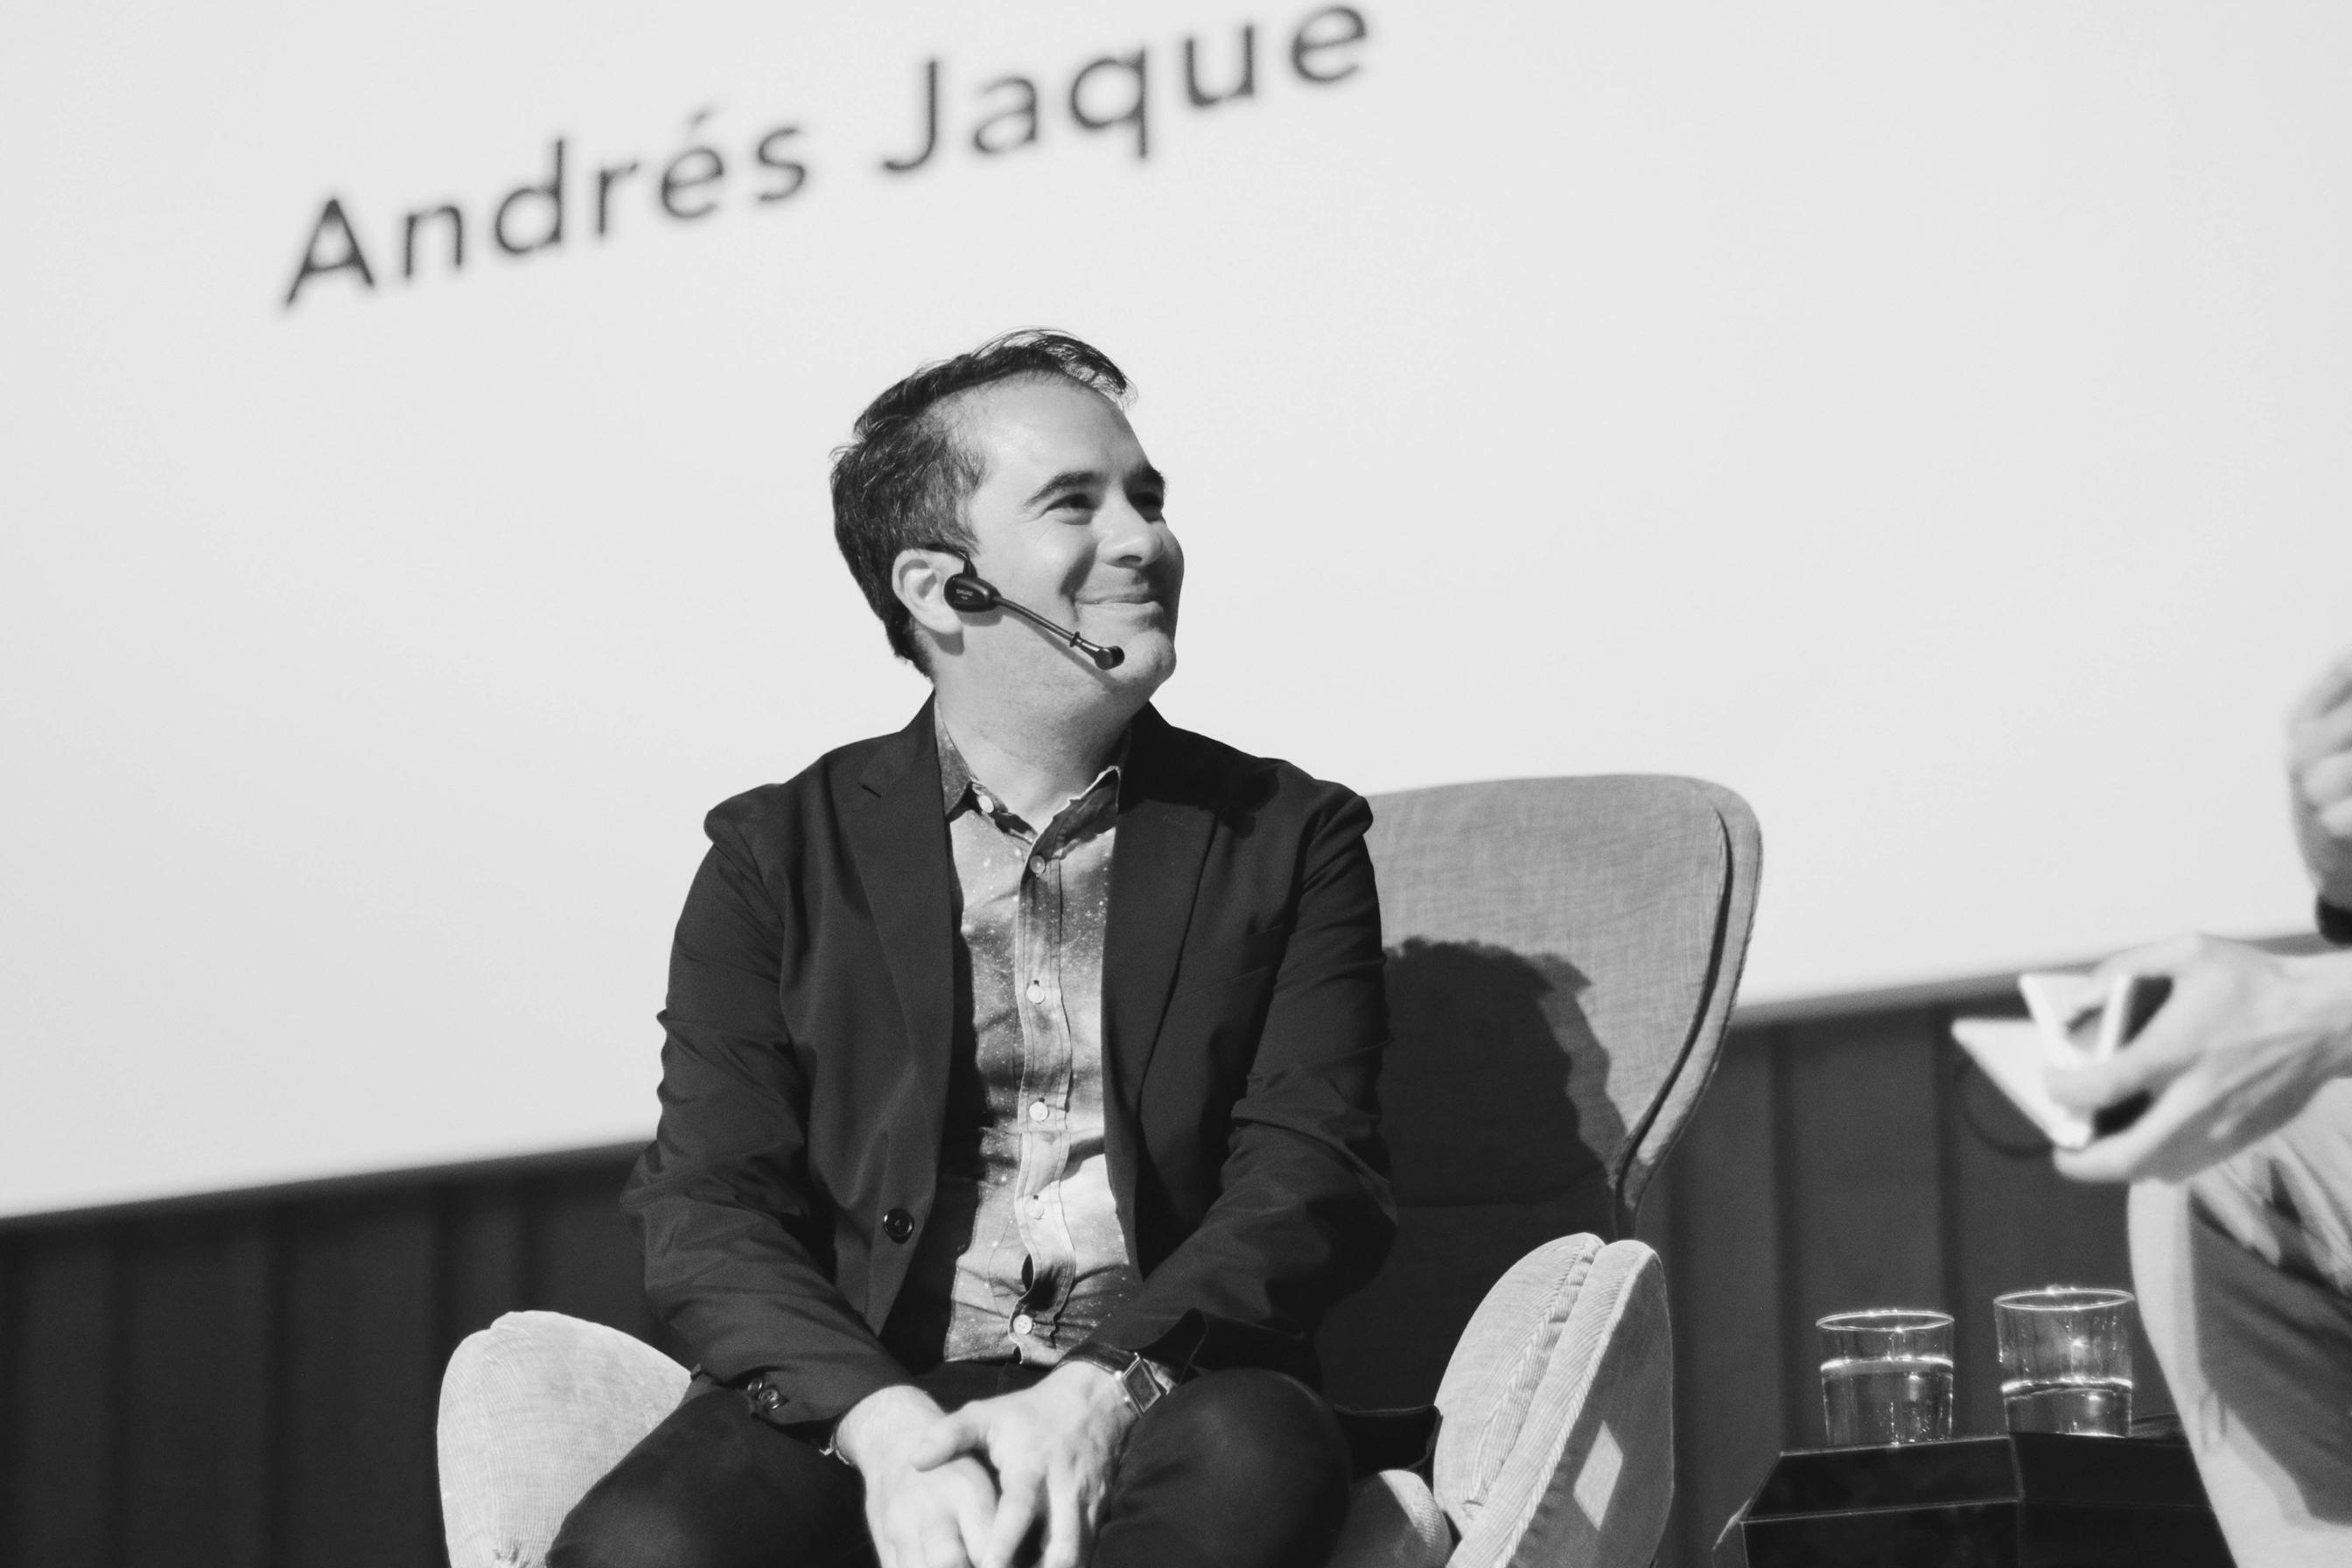 Andrés Jaque